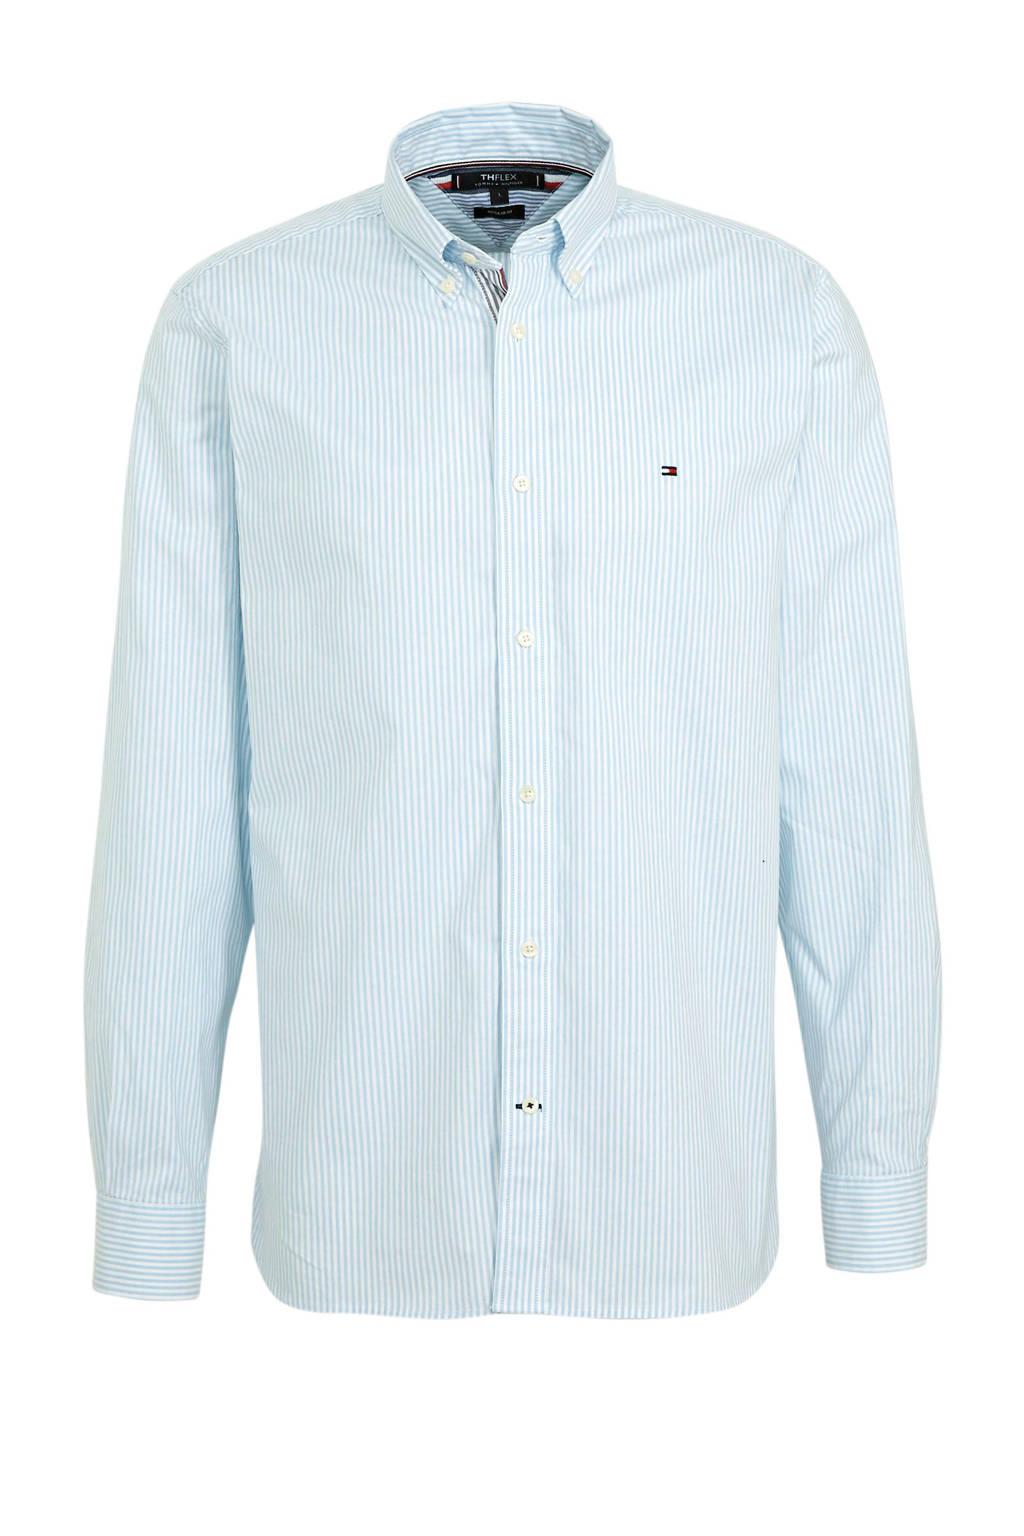 Tommy Hilfiger gestreept regular fit overhemd met biologisch katoen lichtblauw/wit, Lichtblauw/wit